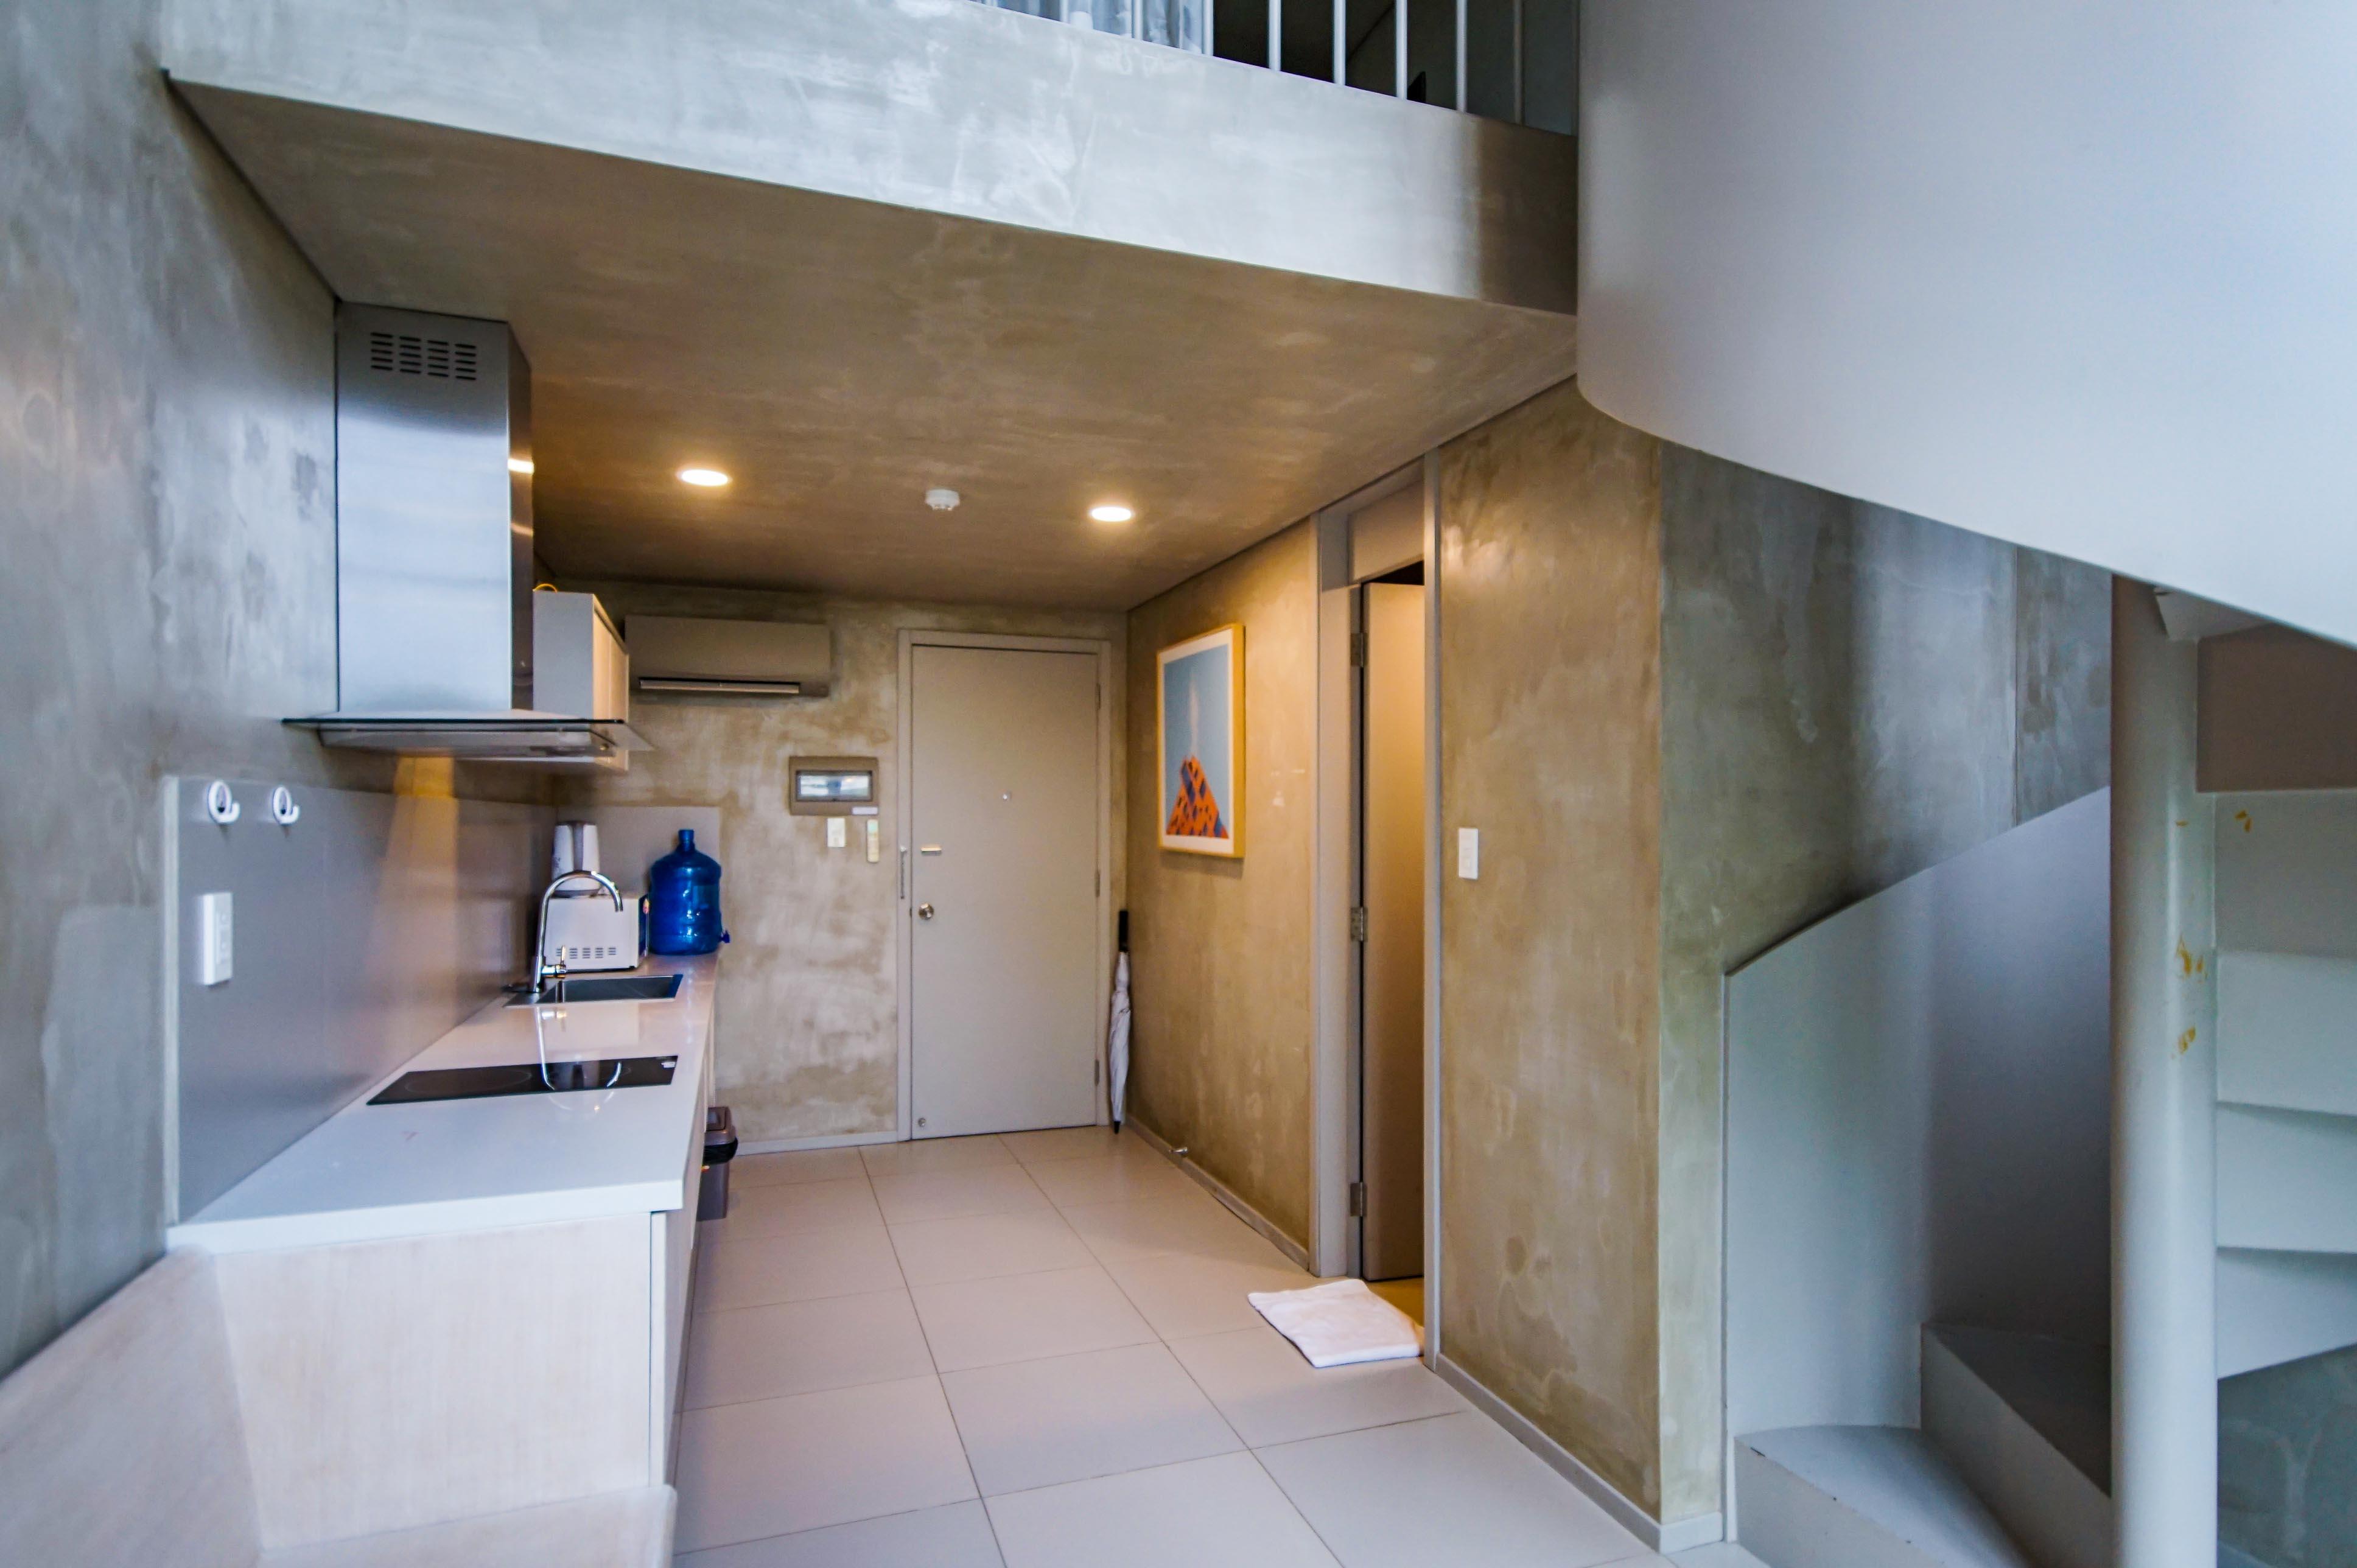 Cho Thuê Căn Hộ Dịch Vụ Duplex 1 PN - Đầy Đủ Nội Thất & Ấm Cúng -5